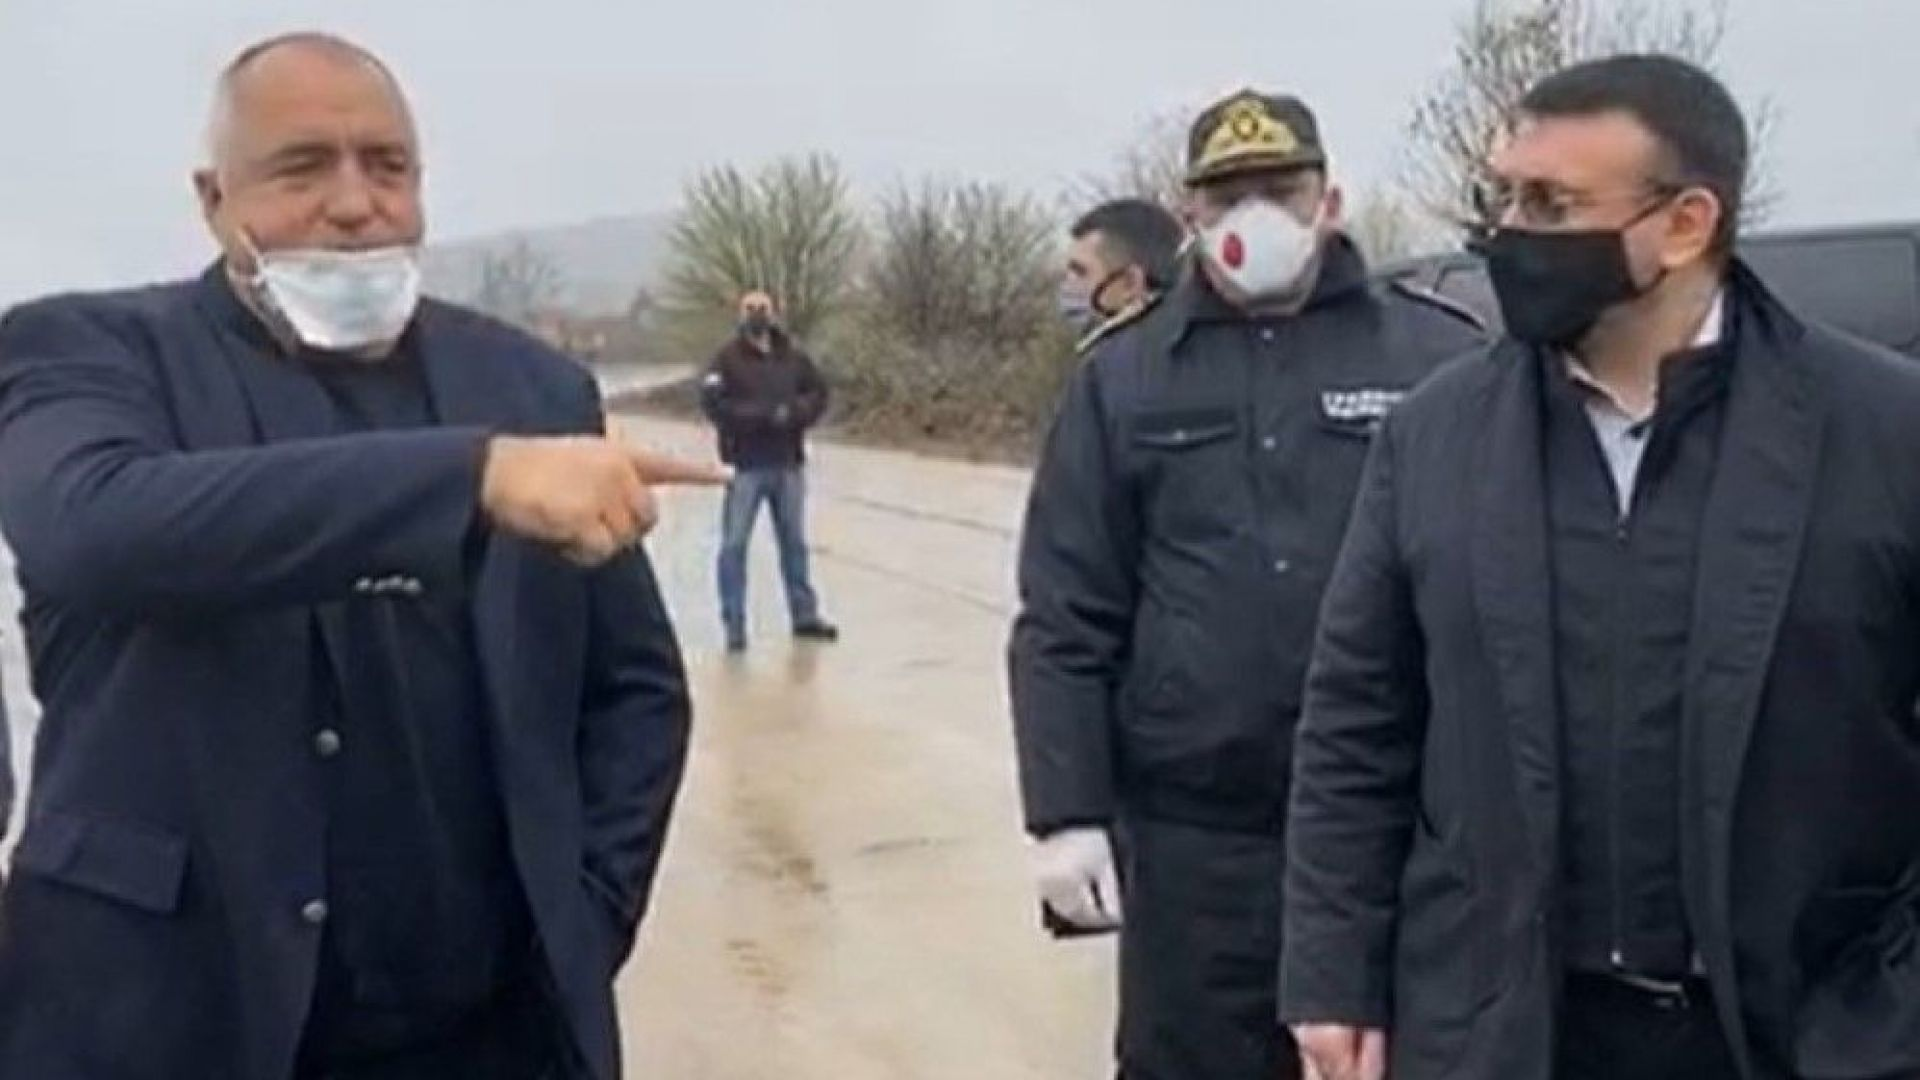 Премиерът Бойко Борисов и вътрешният министър Младен Маринов пристигнаха на